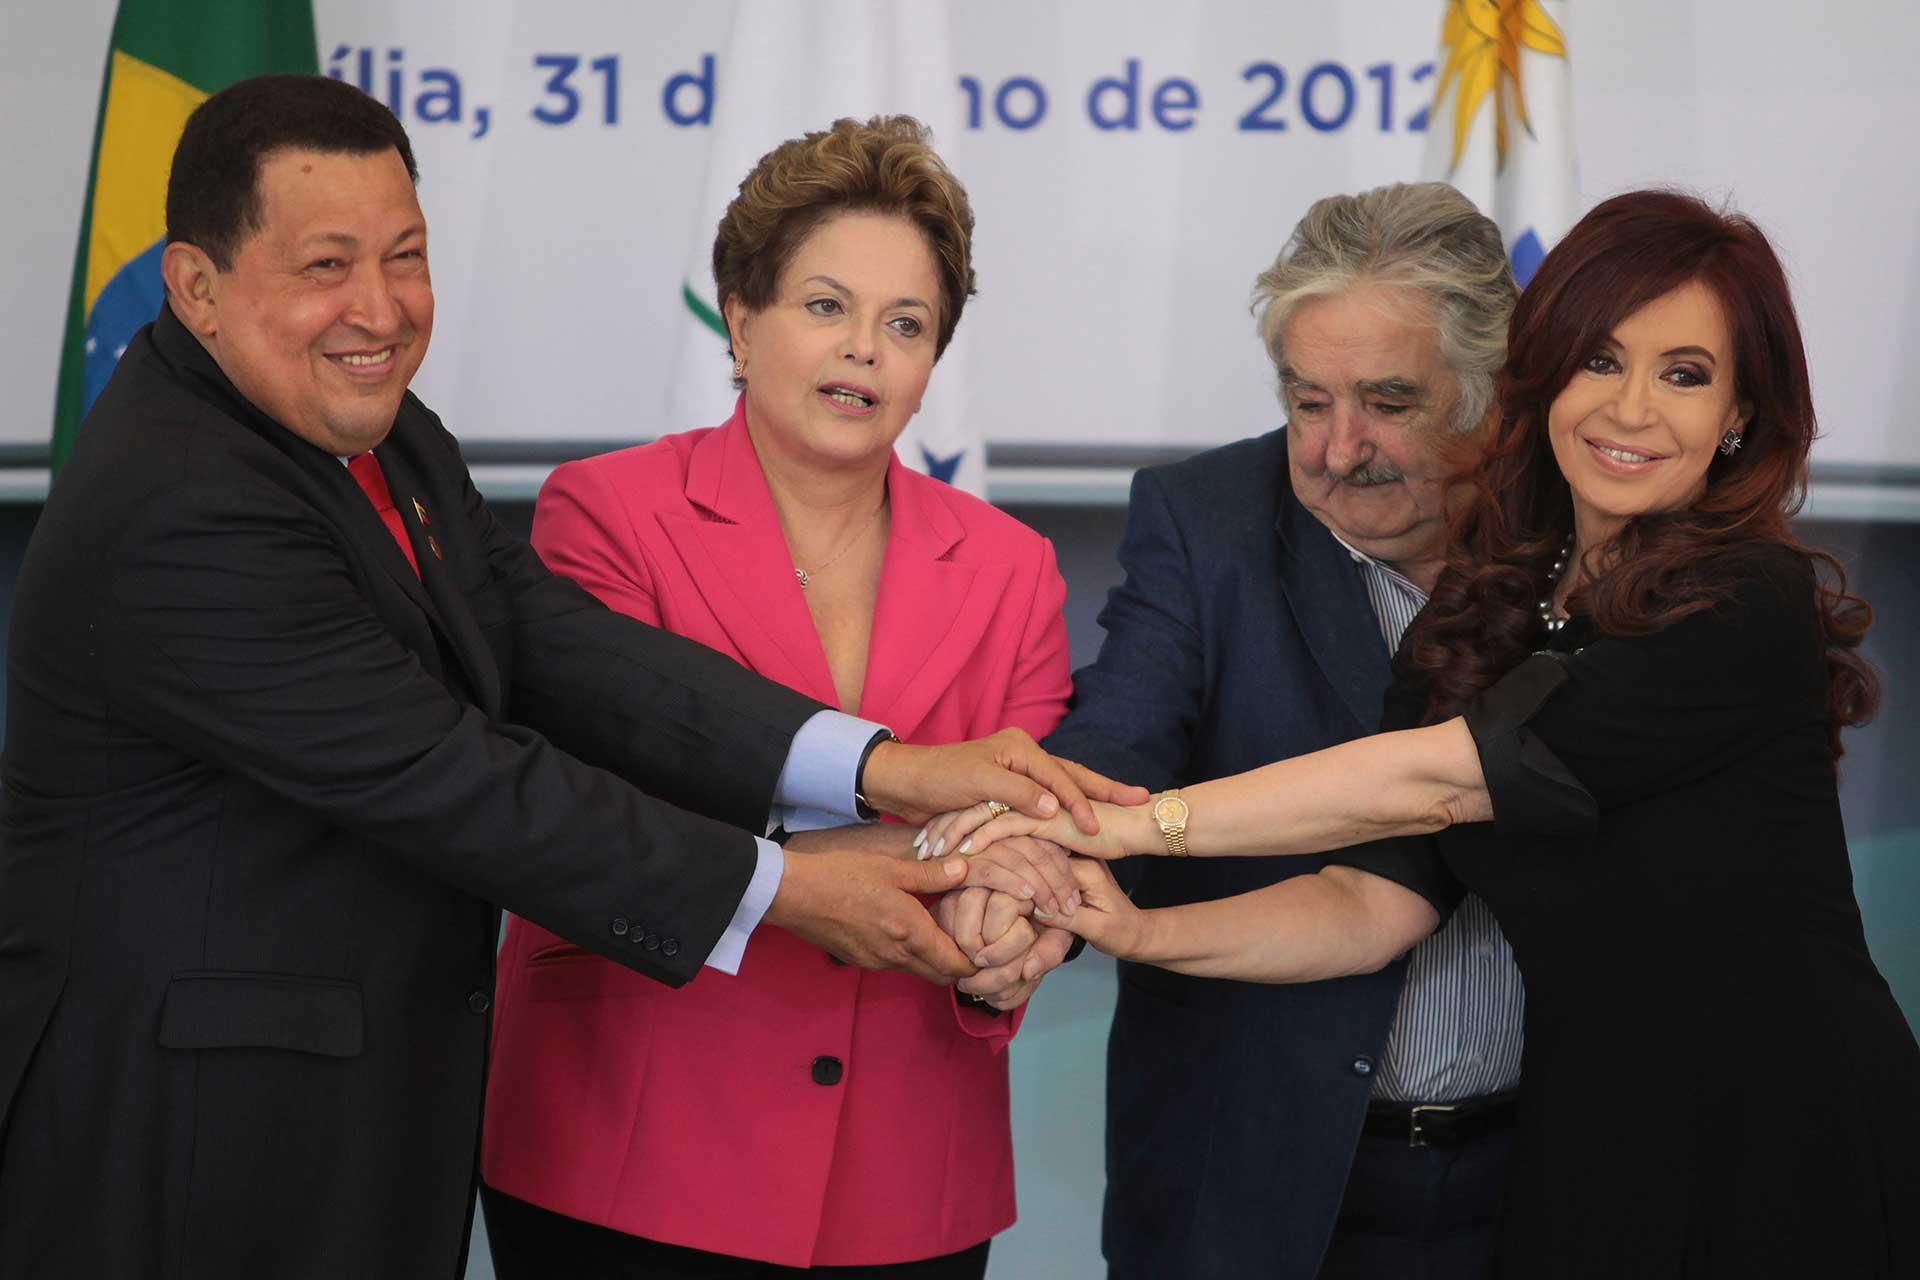 presidencia-rousseff-sf-4